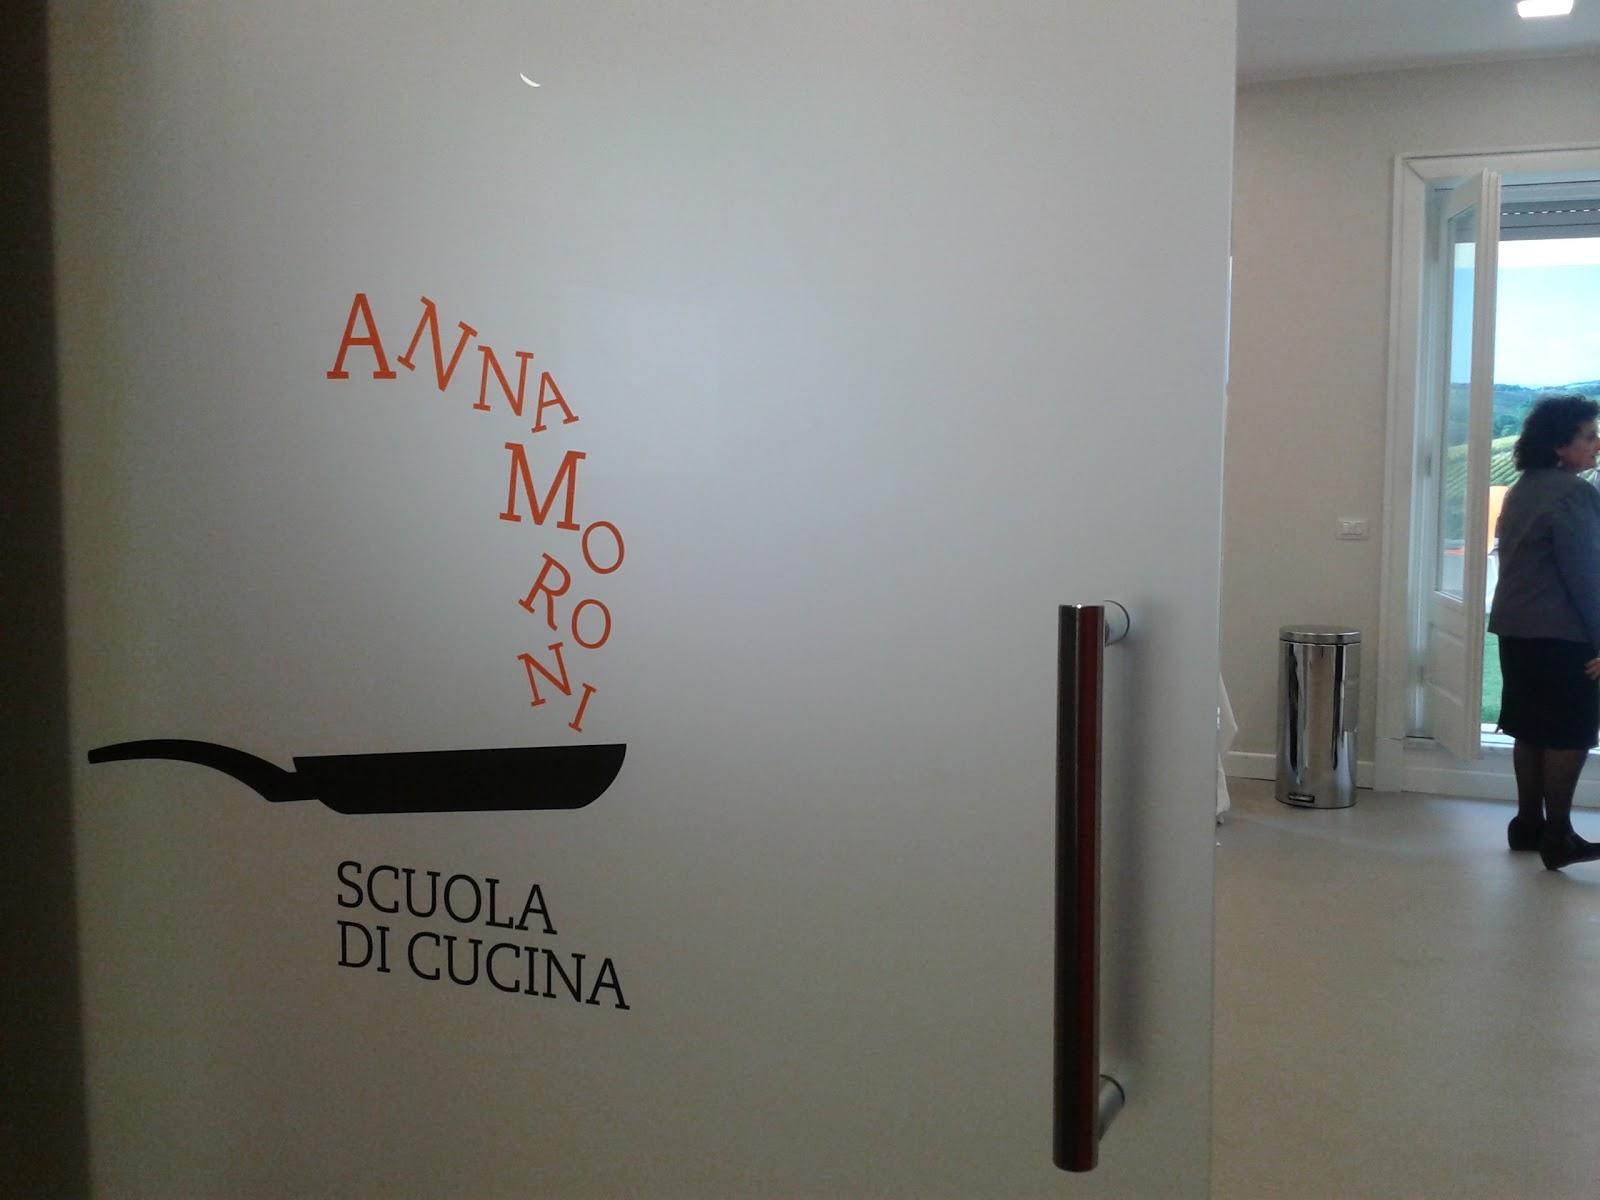 senzapanna: inaugurata ieri a roma la scuola di cucina anna moroni - Scuola Di Cucina A Roma